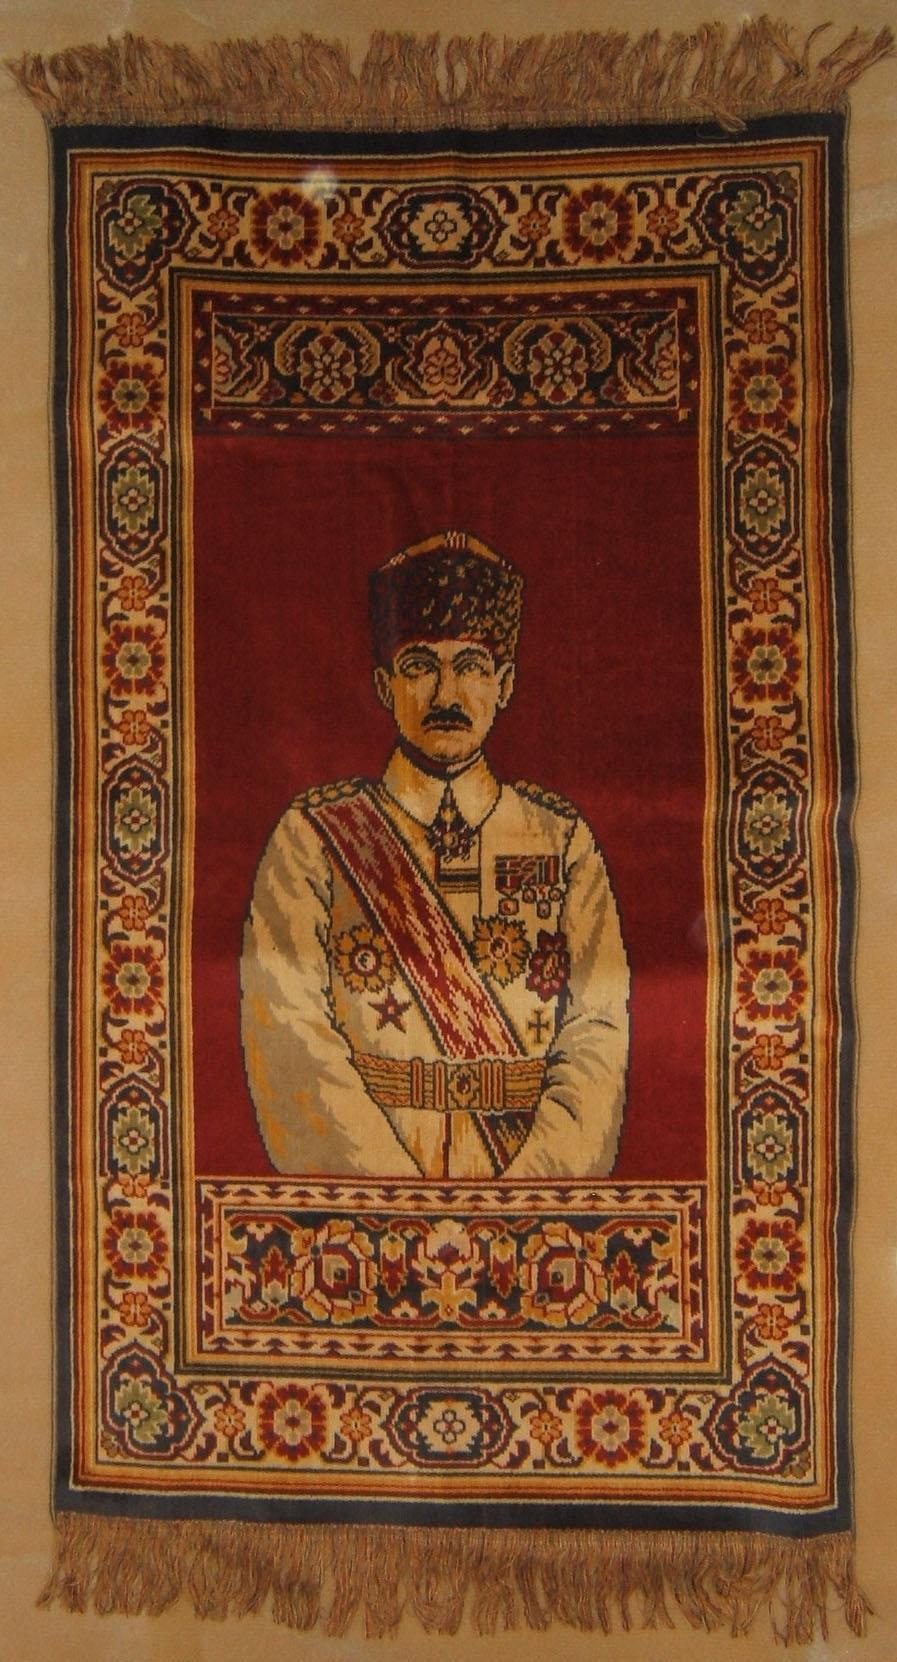 مصطفى كمال [أتاتورك] ، سجادة يهودية لمدرسة التحالف الإسرائيلية الشاملة ، 1918